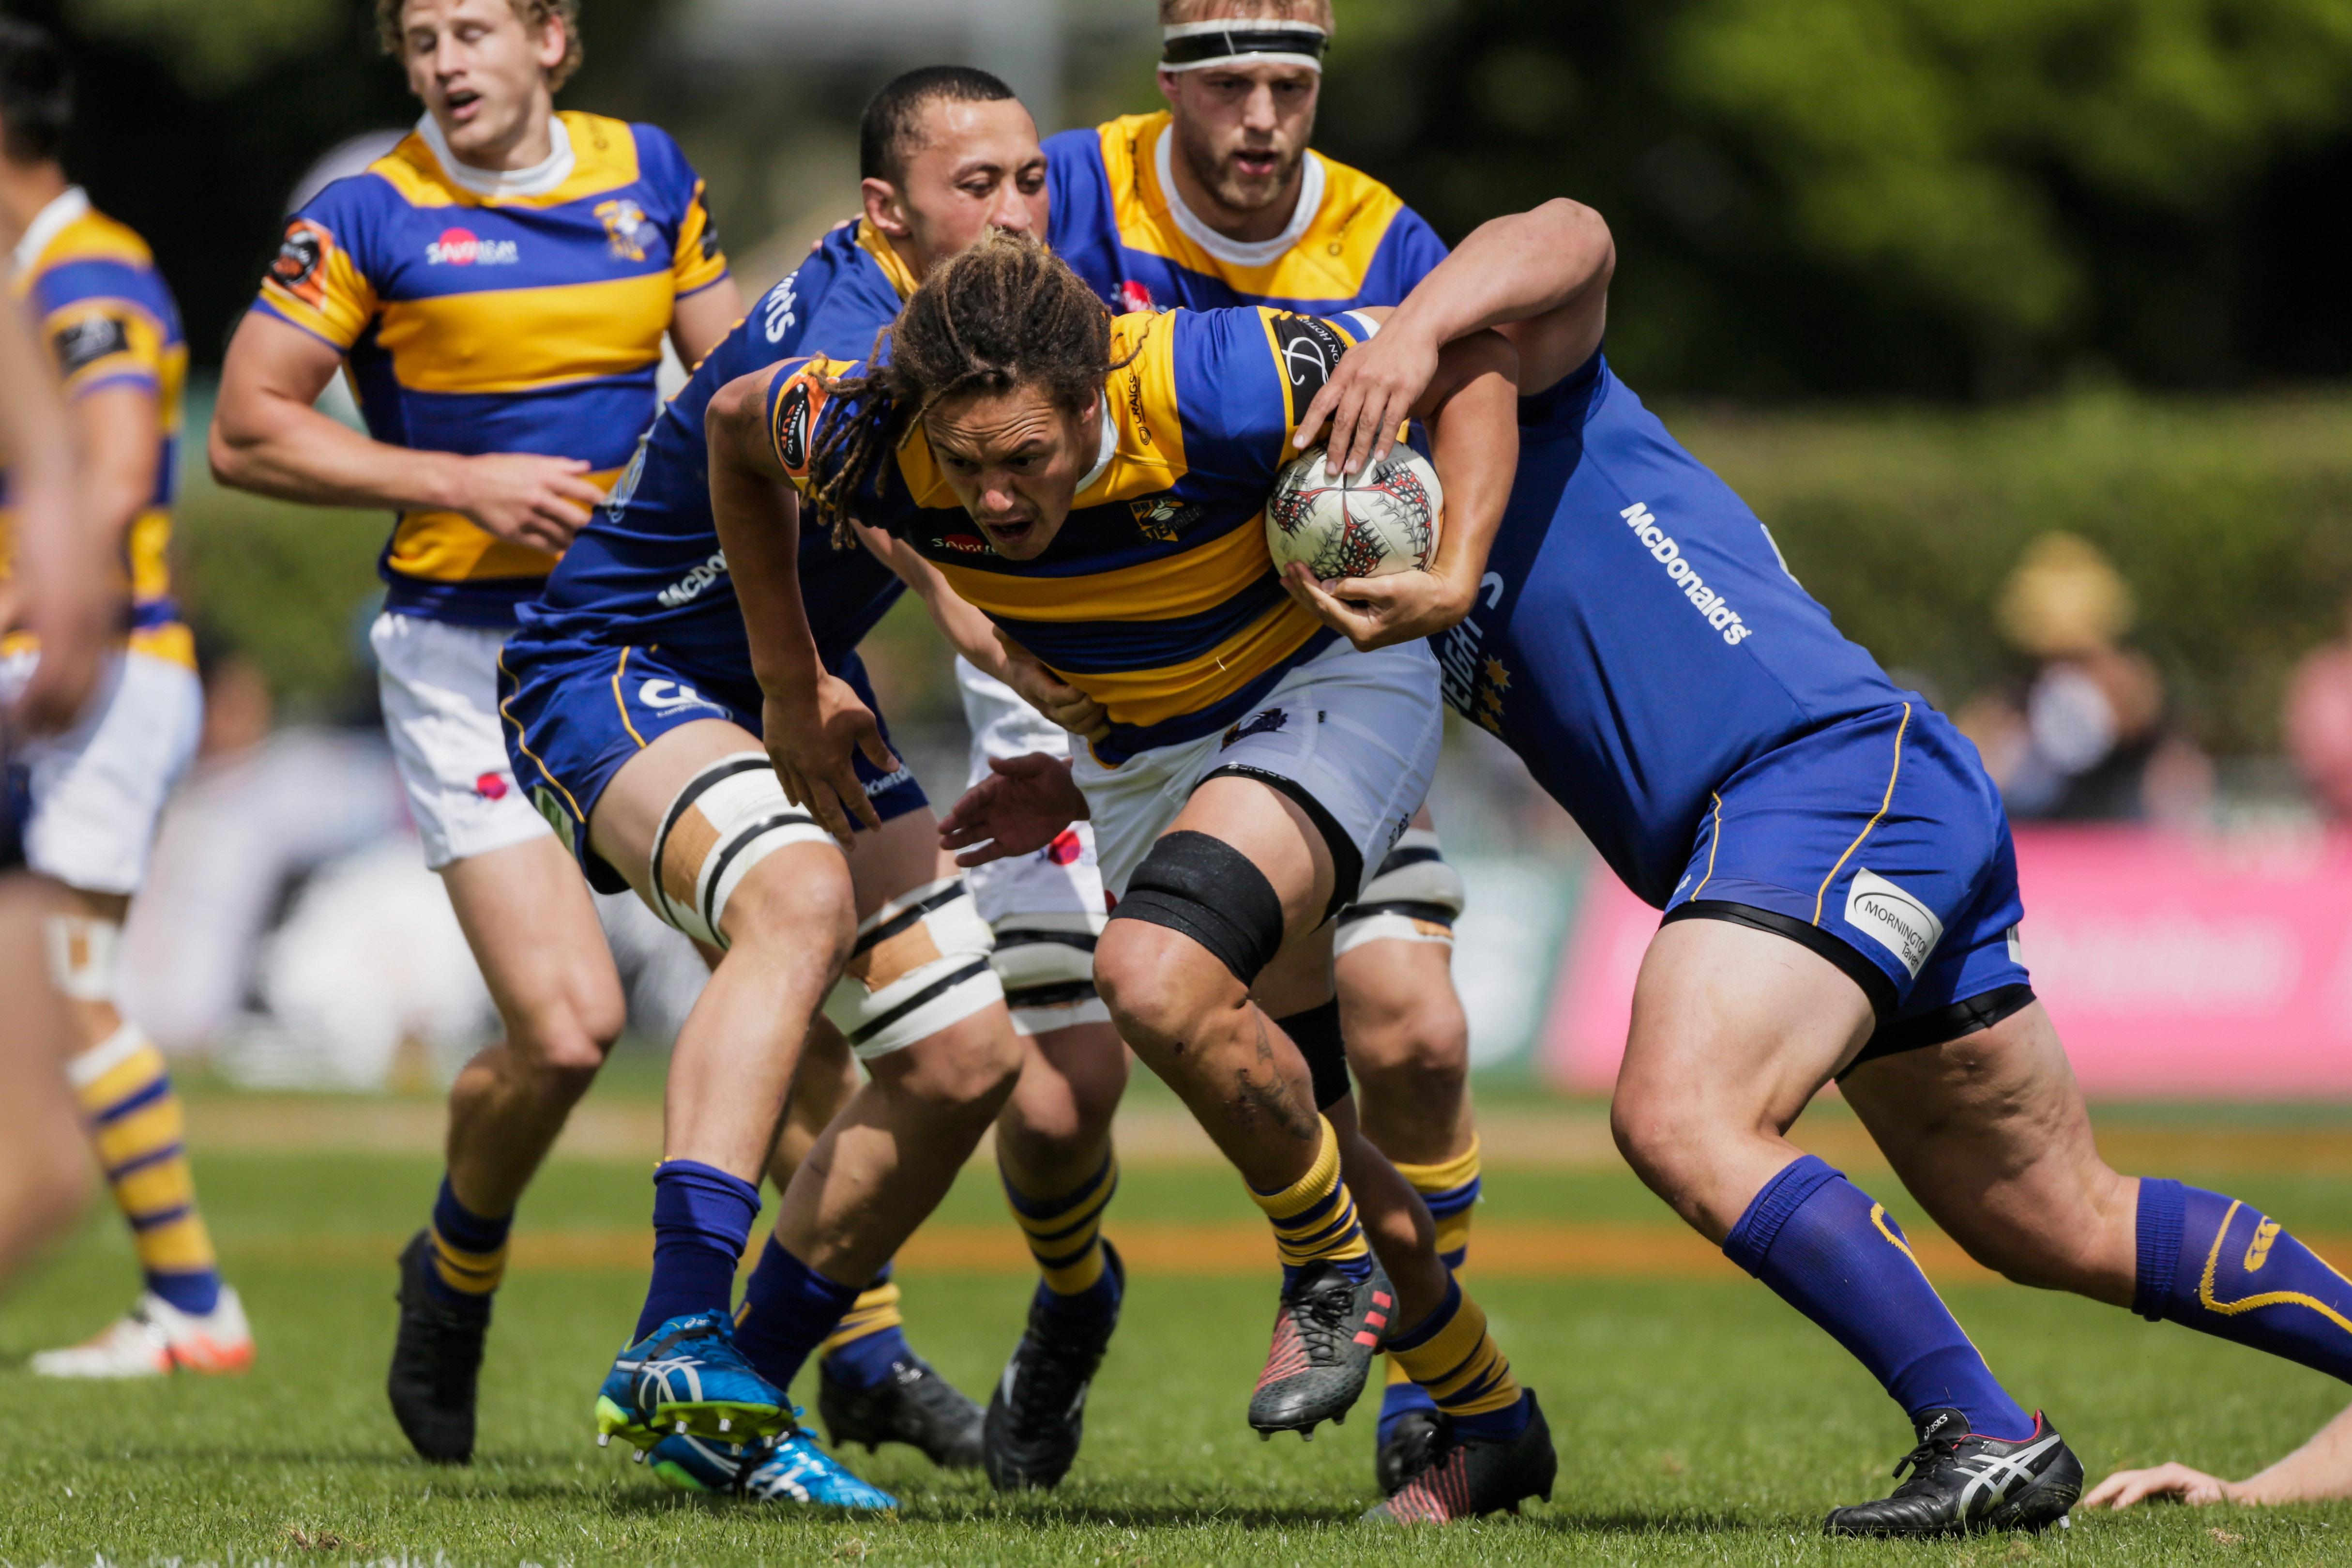 Otago lose semi to BOP